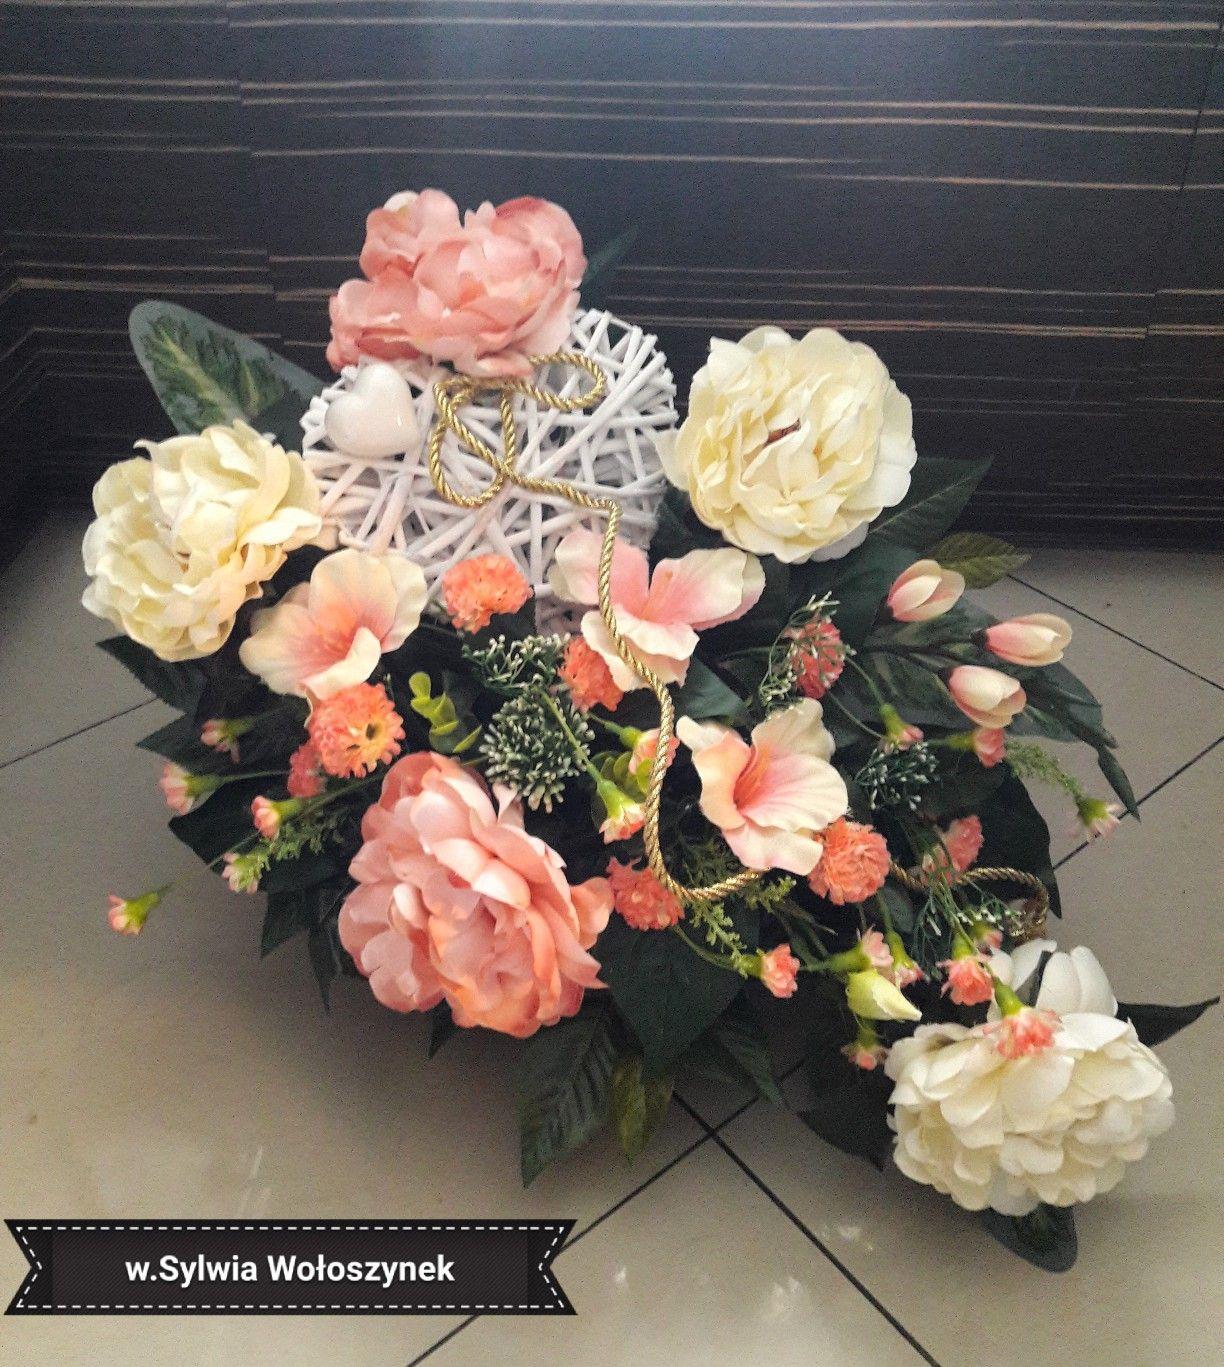 Kompozycje Nagrobne Wiosna 2018 Wyk Sylwia Woloszynek Artificial Flower Arrangements Flower Arrangements Black Flowers